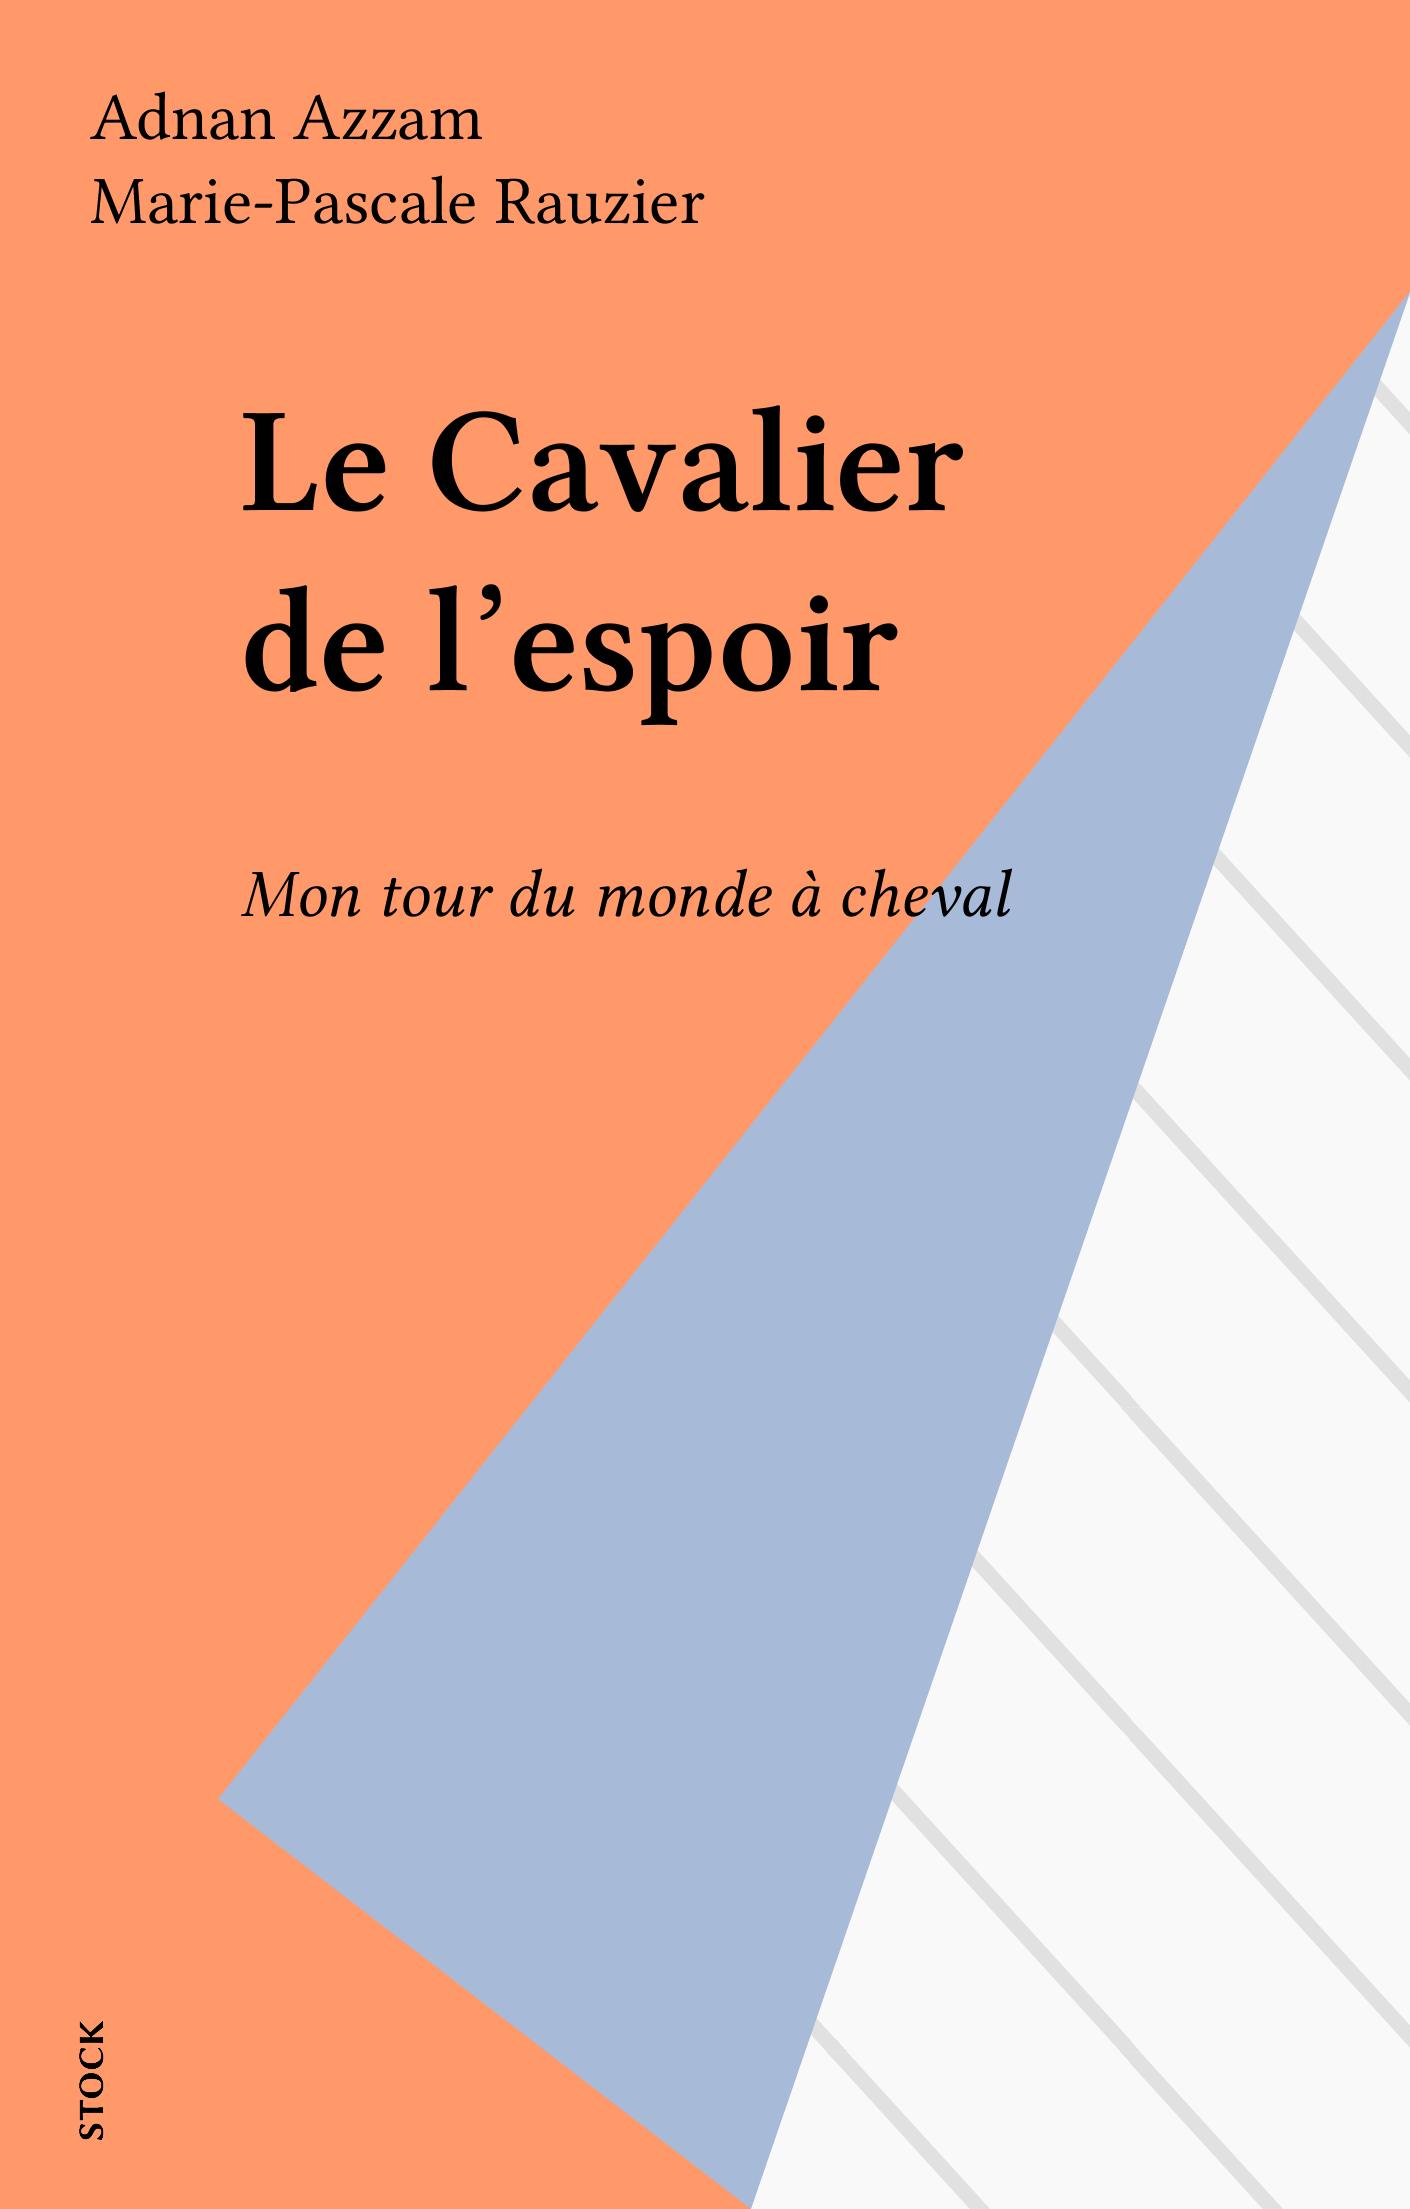 Le Cavalier de l'espoir, MON TOUR DU MONDE À CHEVAL